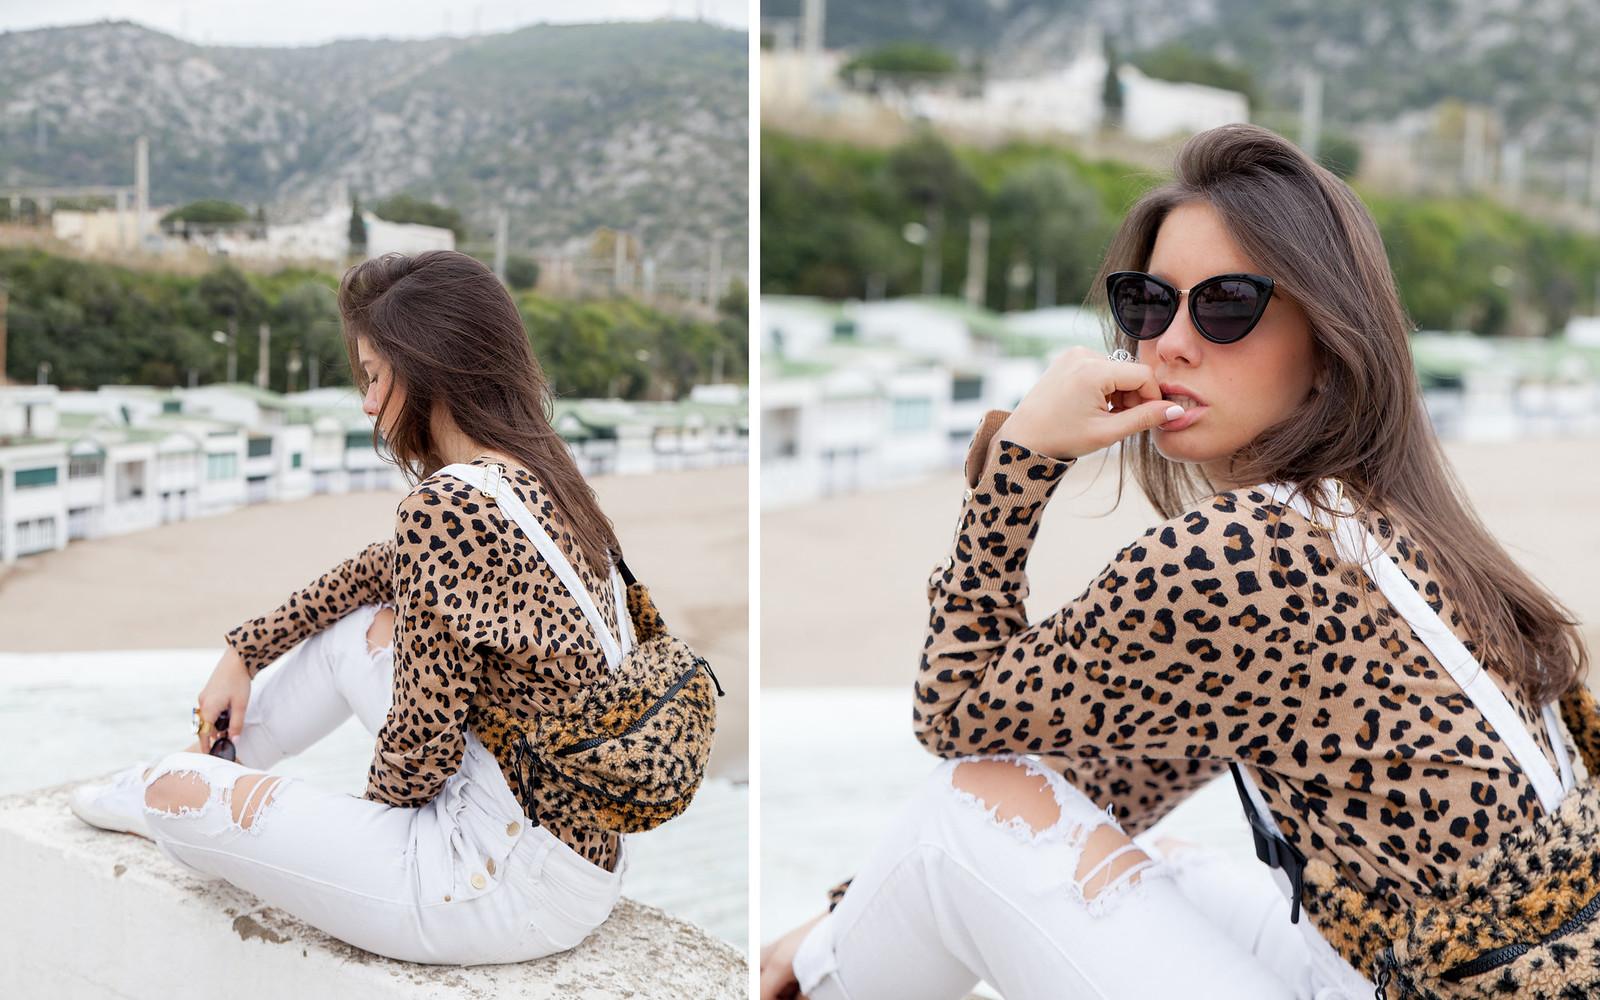 cómo cominar un peto blanco estilo sincerely jules a lo theguestgirl con riñonera Supreme y estampado leopardo laura santolaria